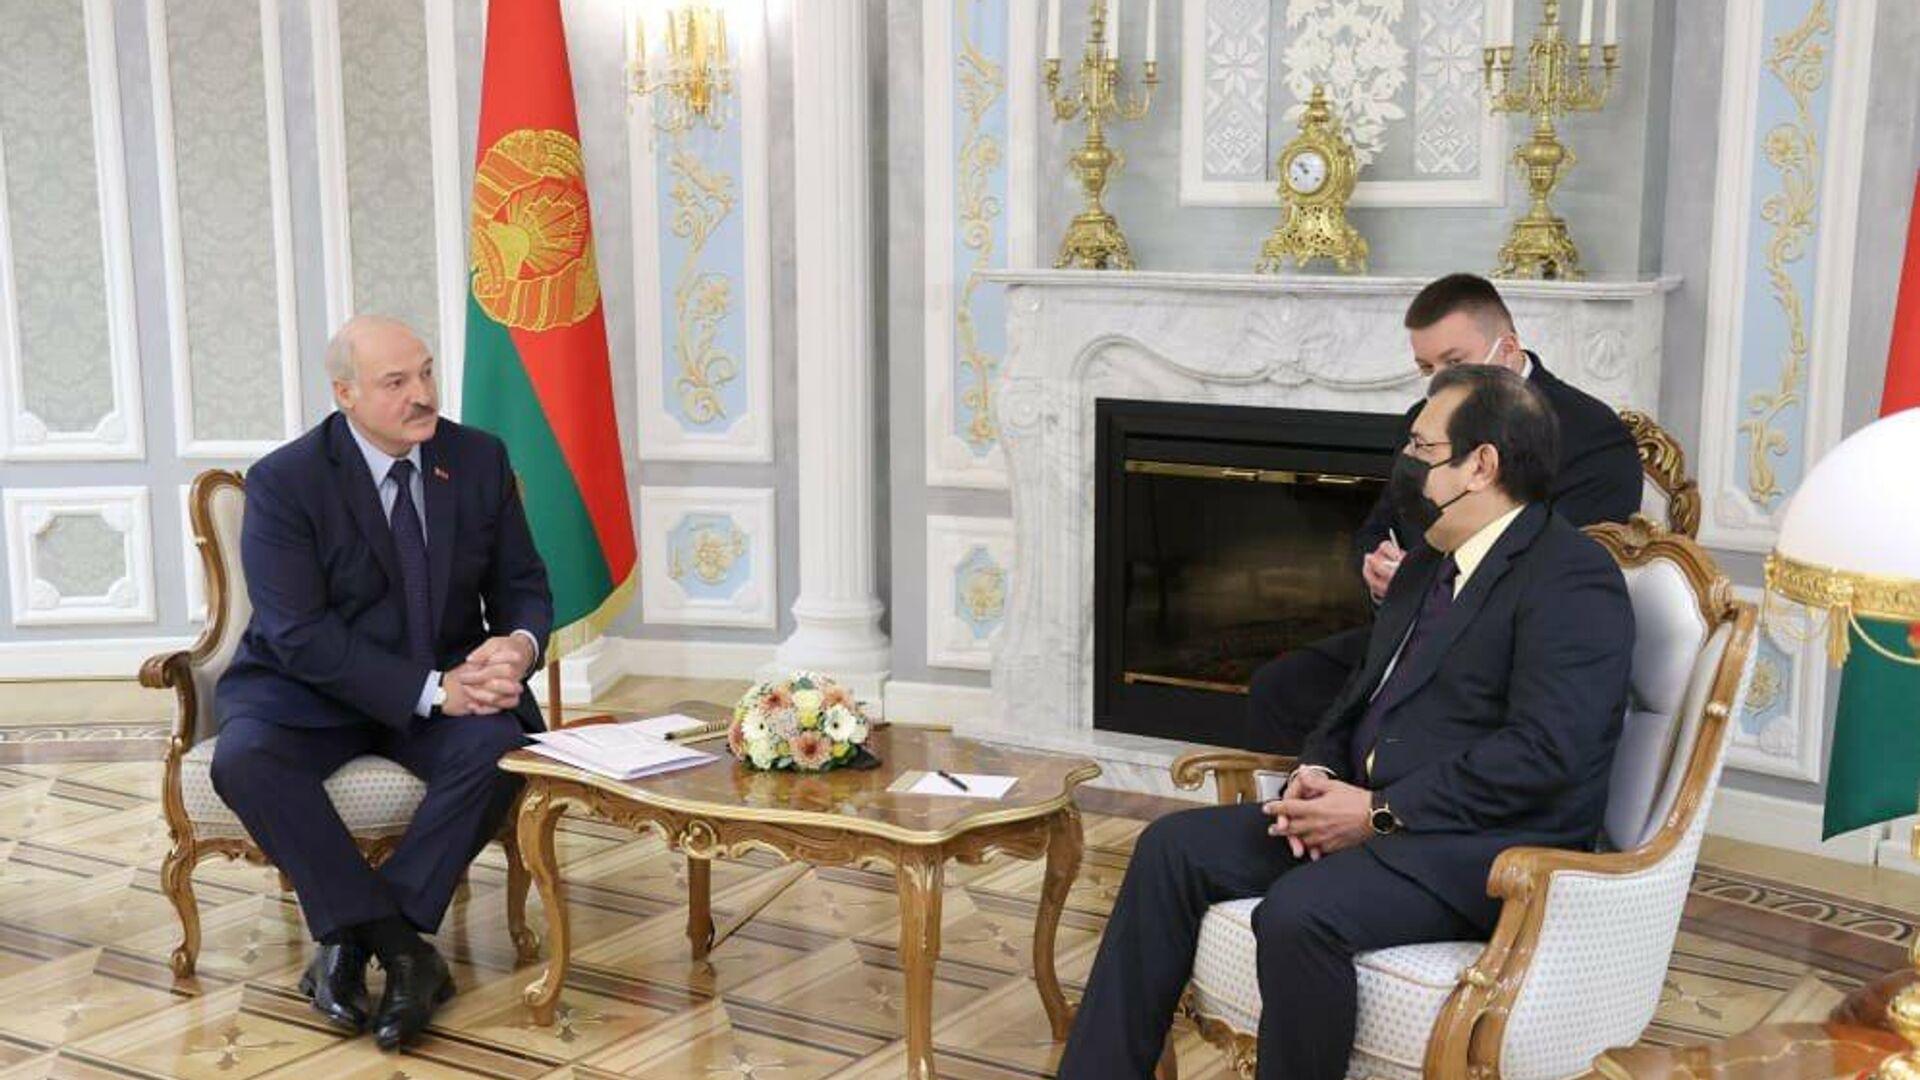 El presidente de Bielorrusia, Aleksandr Lukashenko, junto al embajador y enviado especial del Gobierno de Venezuela, Adán Chávez  - Sputnik Mundo, 1920, 07.10.2021